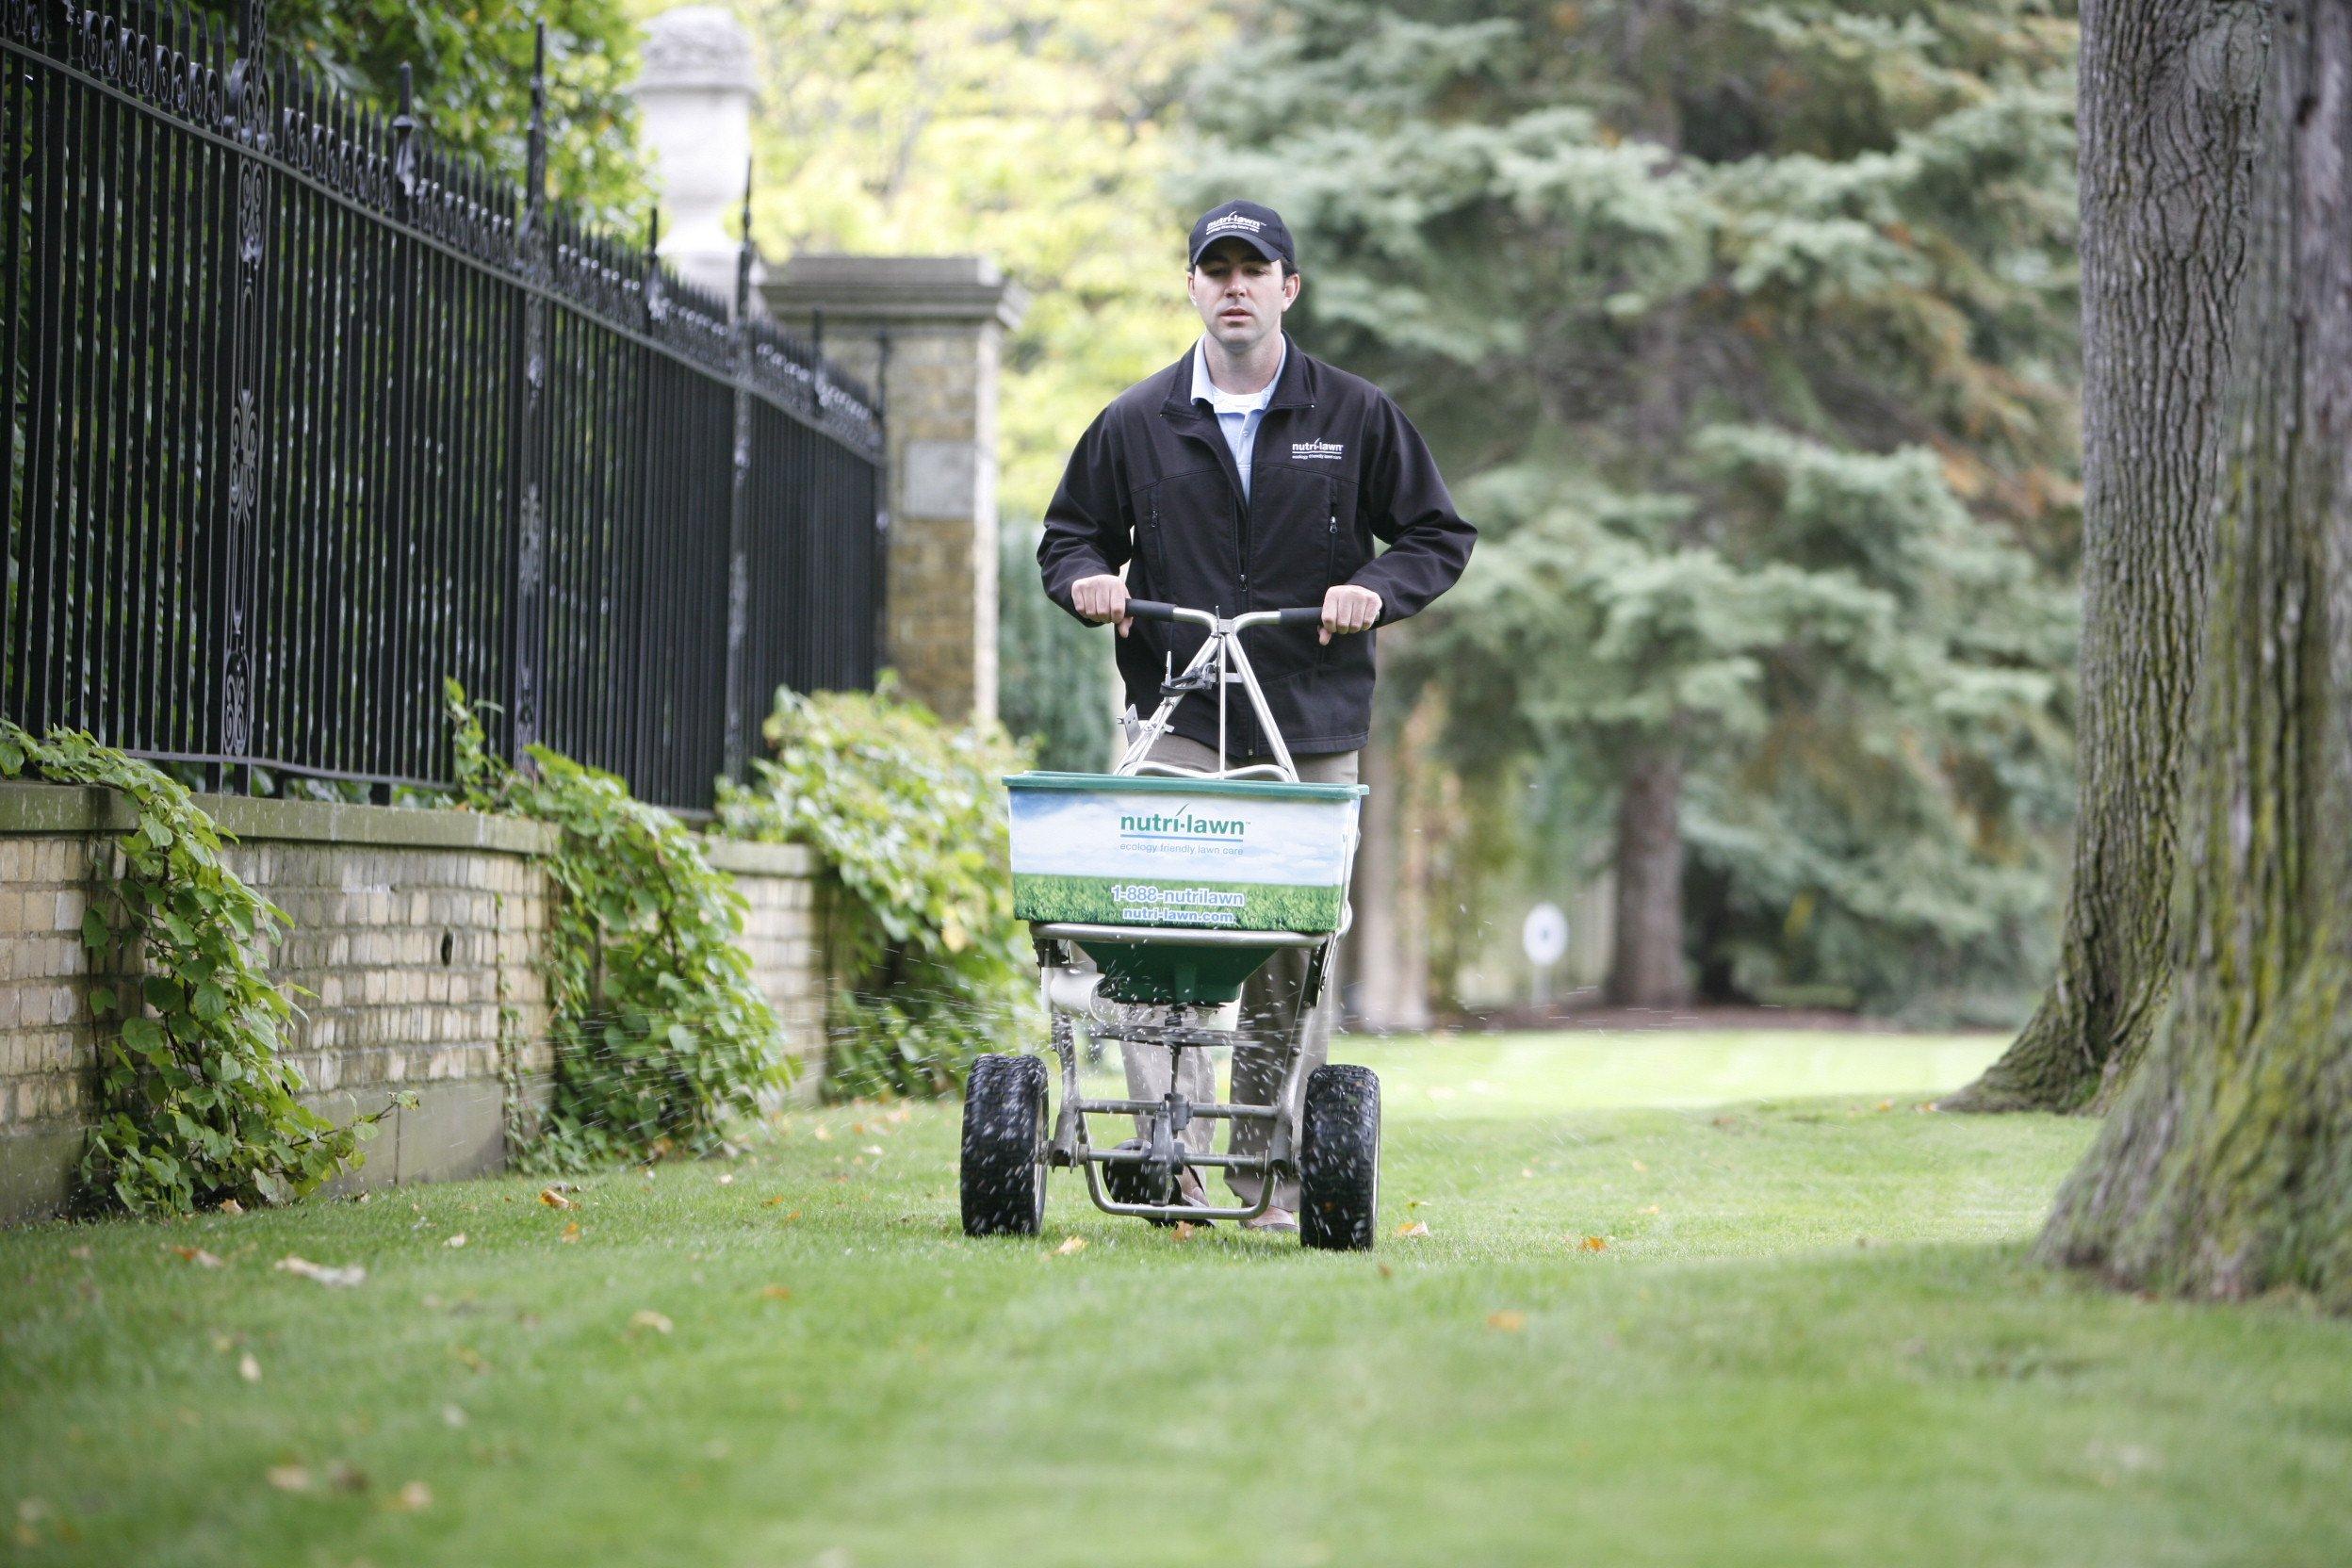 Organic Fertilizer Service